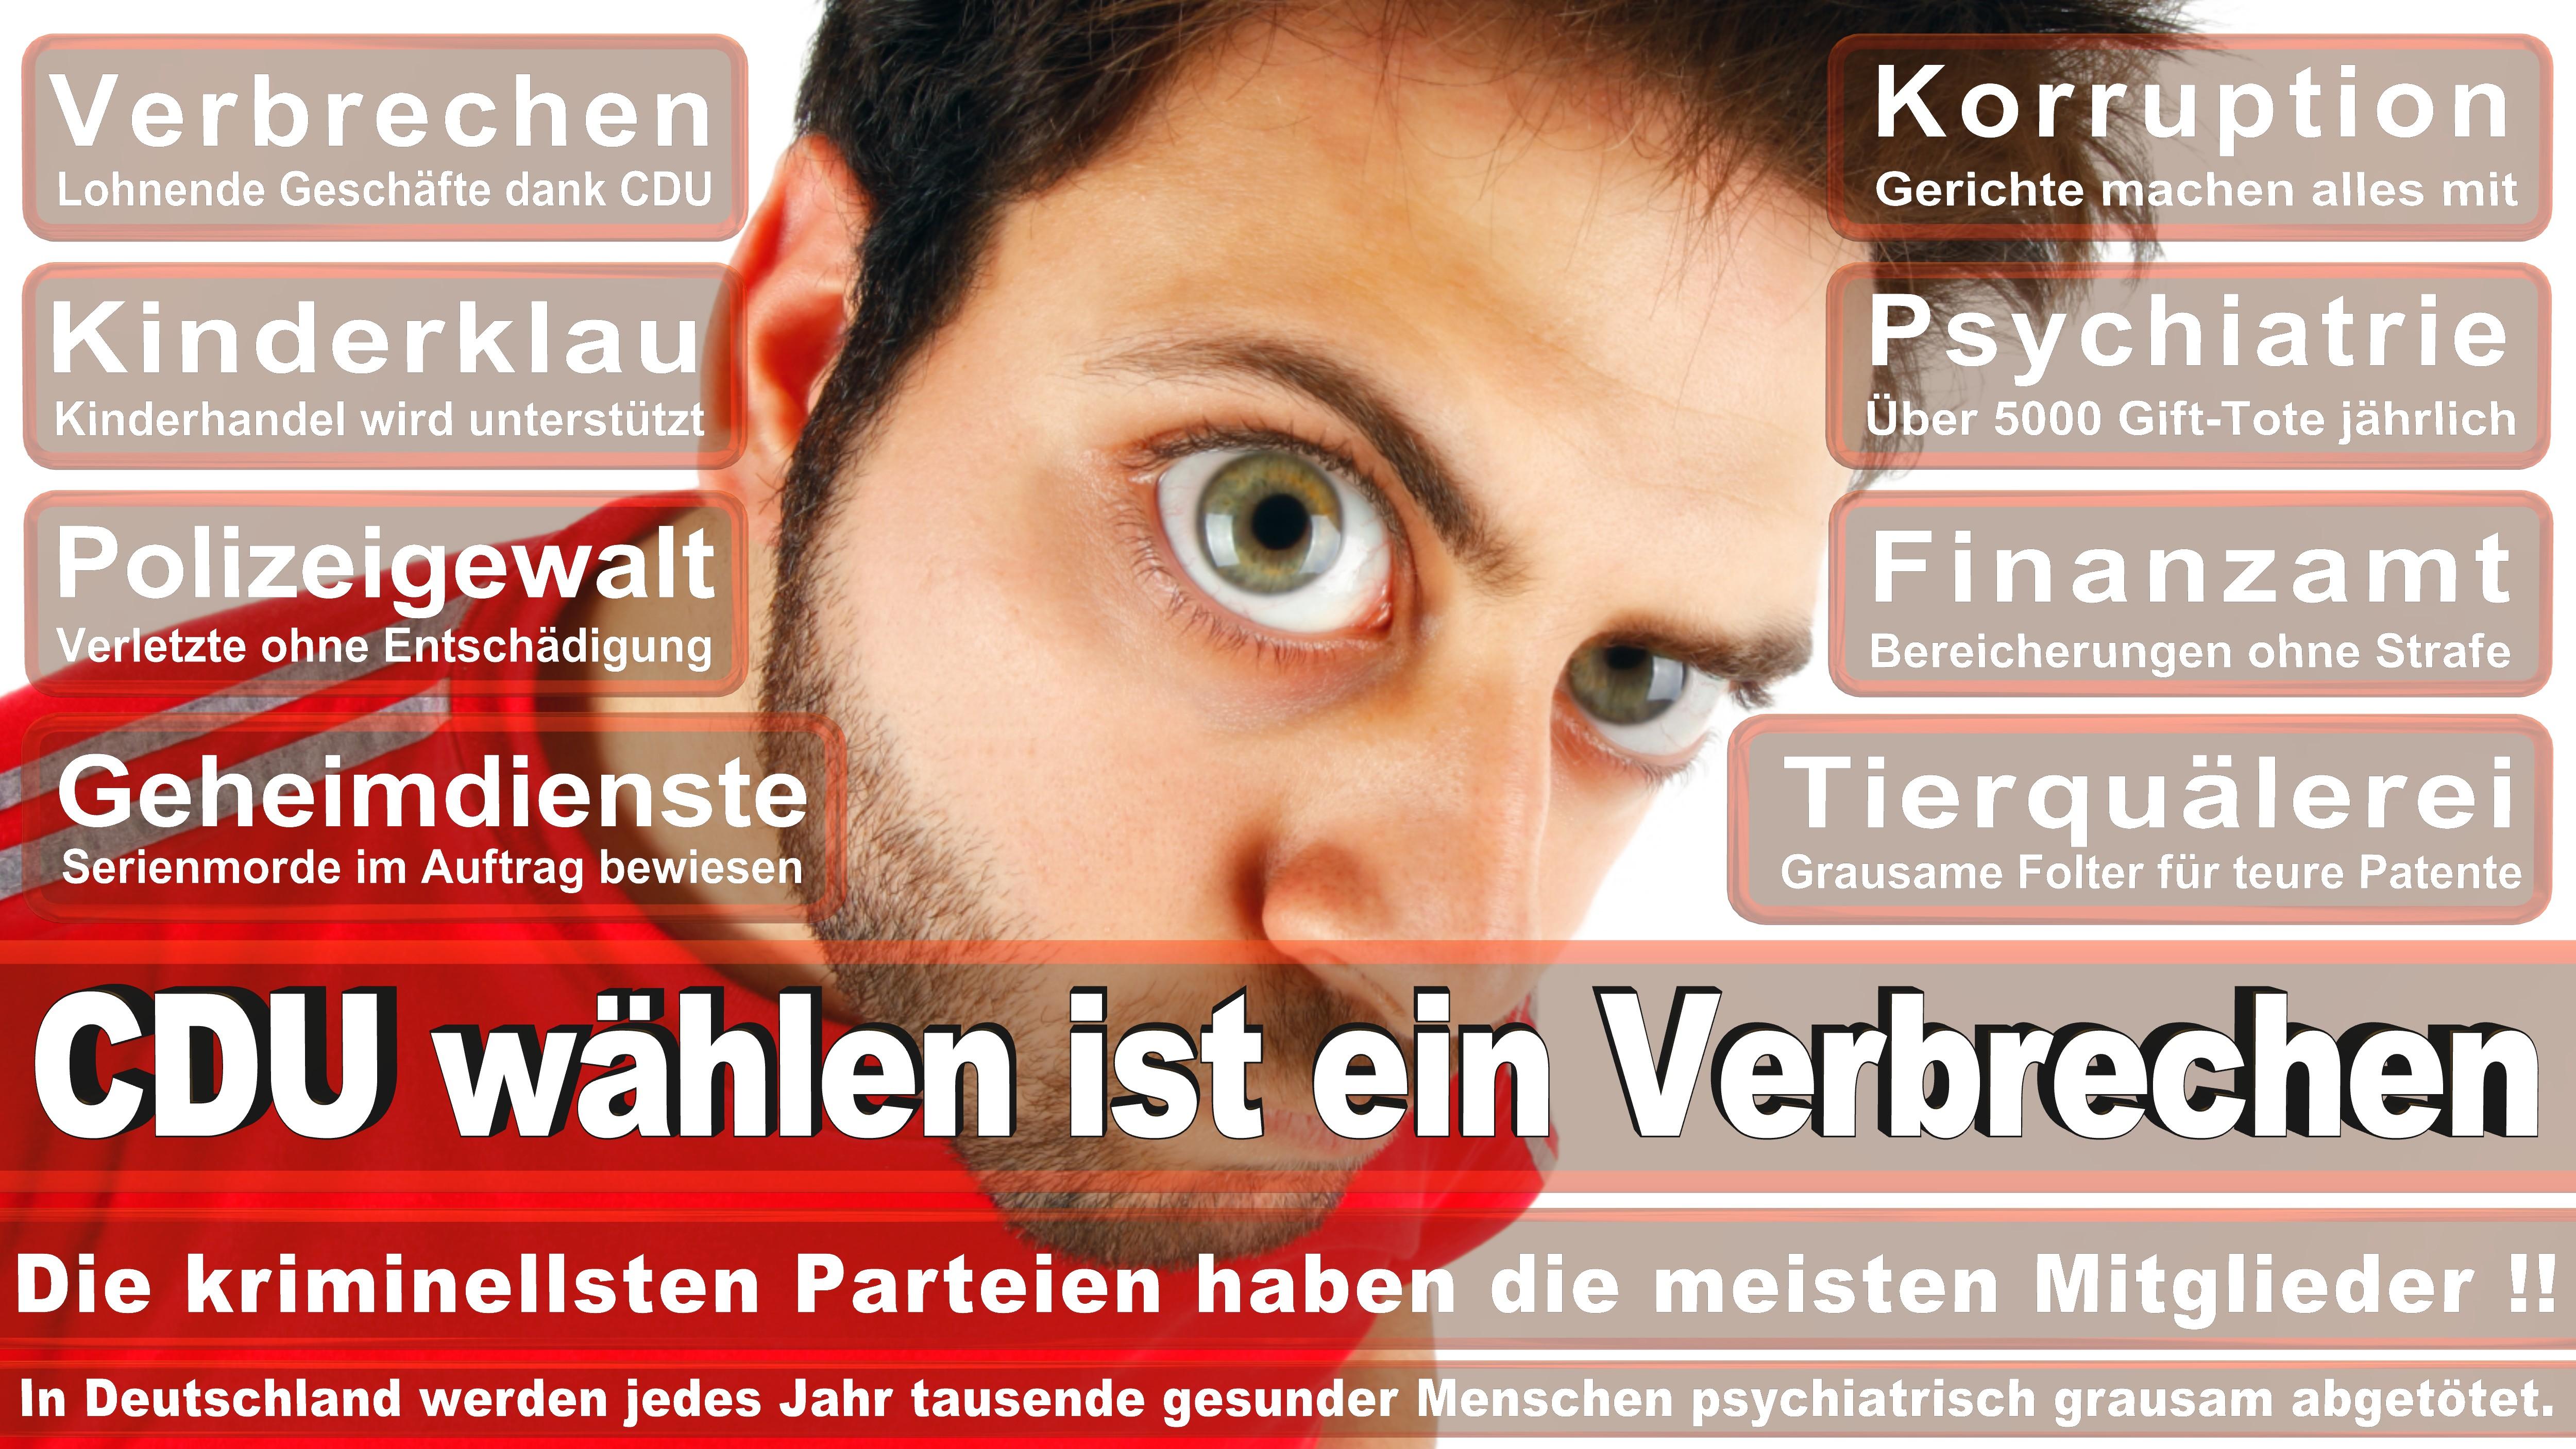 Frank Heinrich CDU CSU Politiker